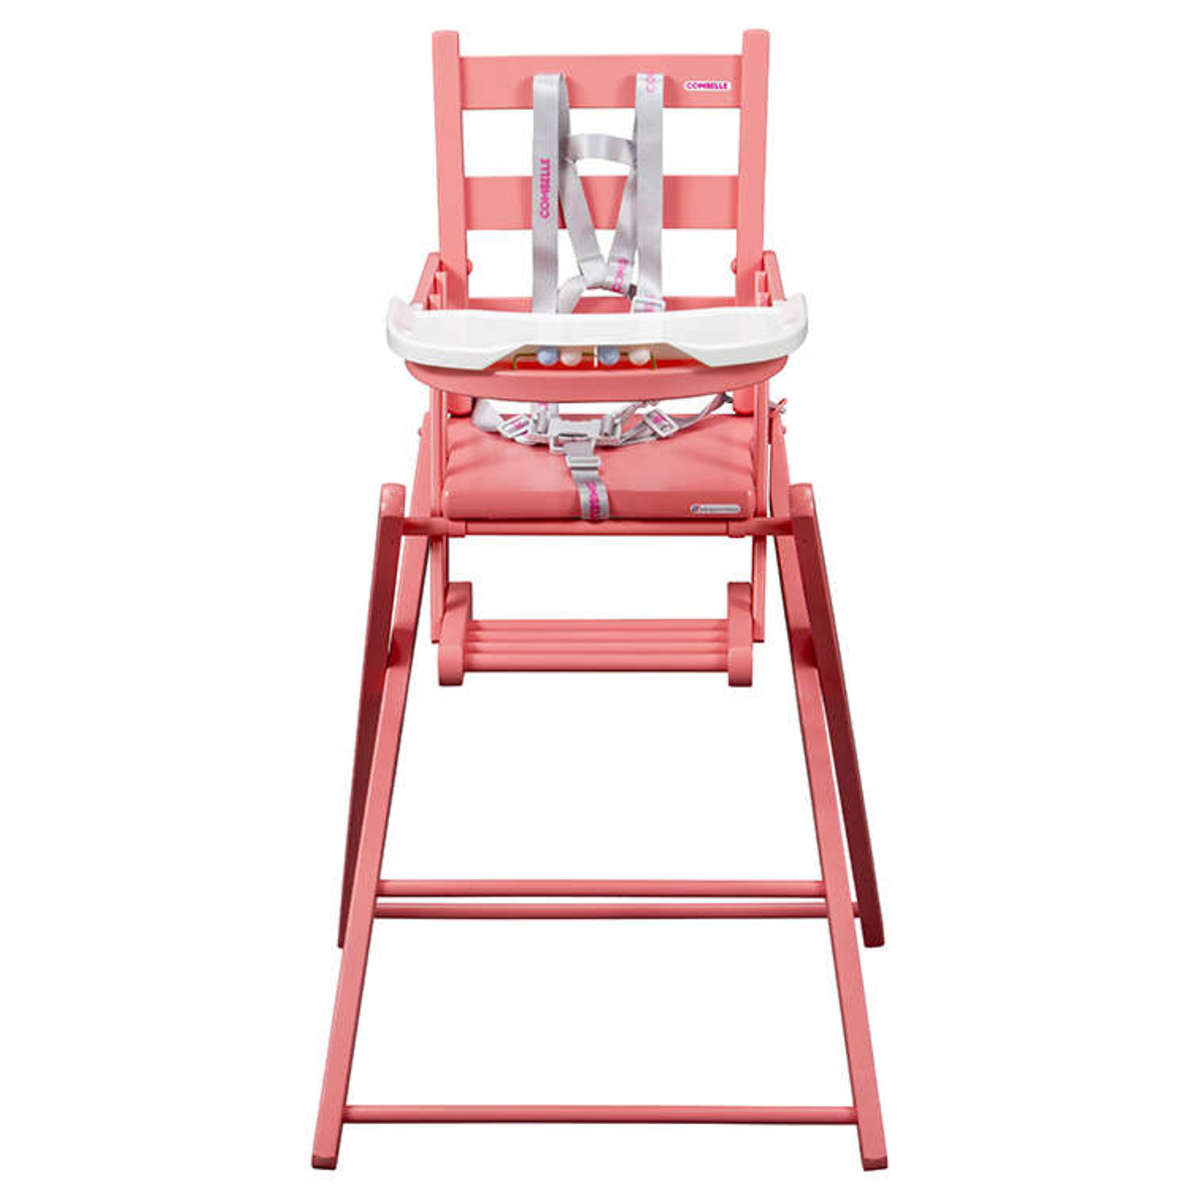 combelle chaise haute extra pliante sarah laqu rose chaise haute combelle sur l 39 armoire de b b. Black Bedroom Furniture Sets. Home Design Ideas